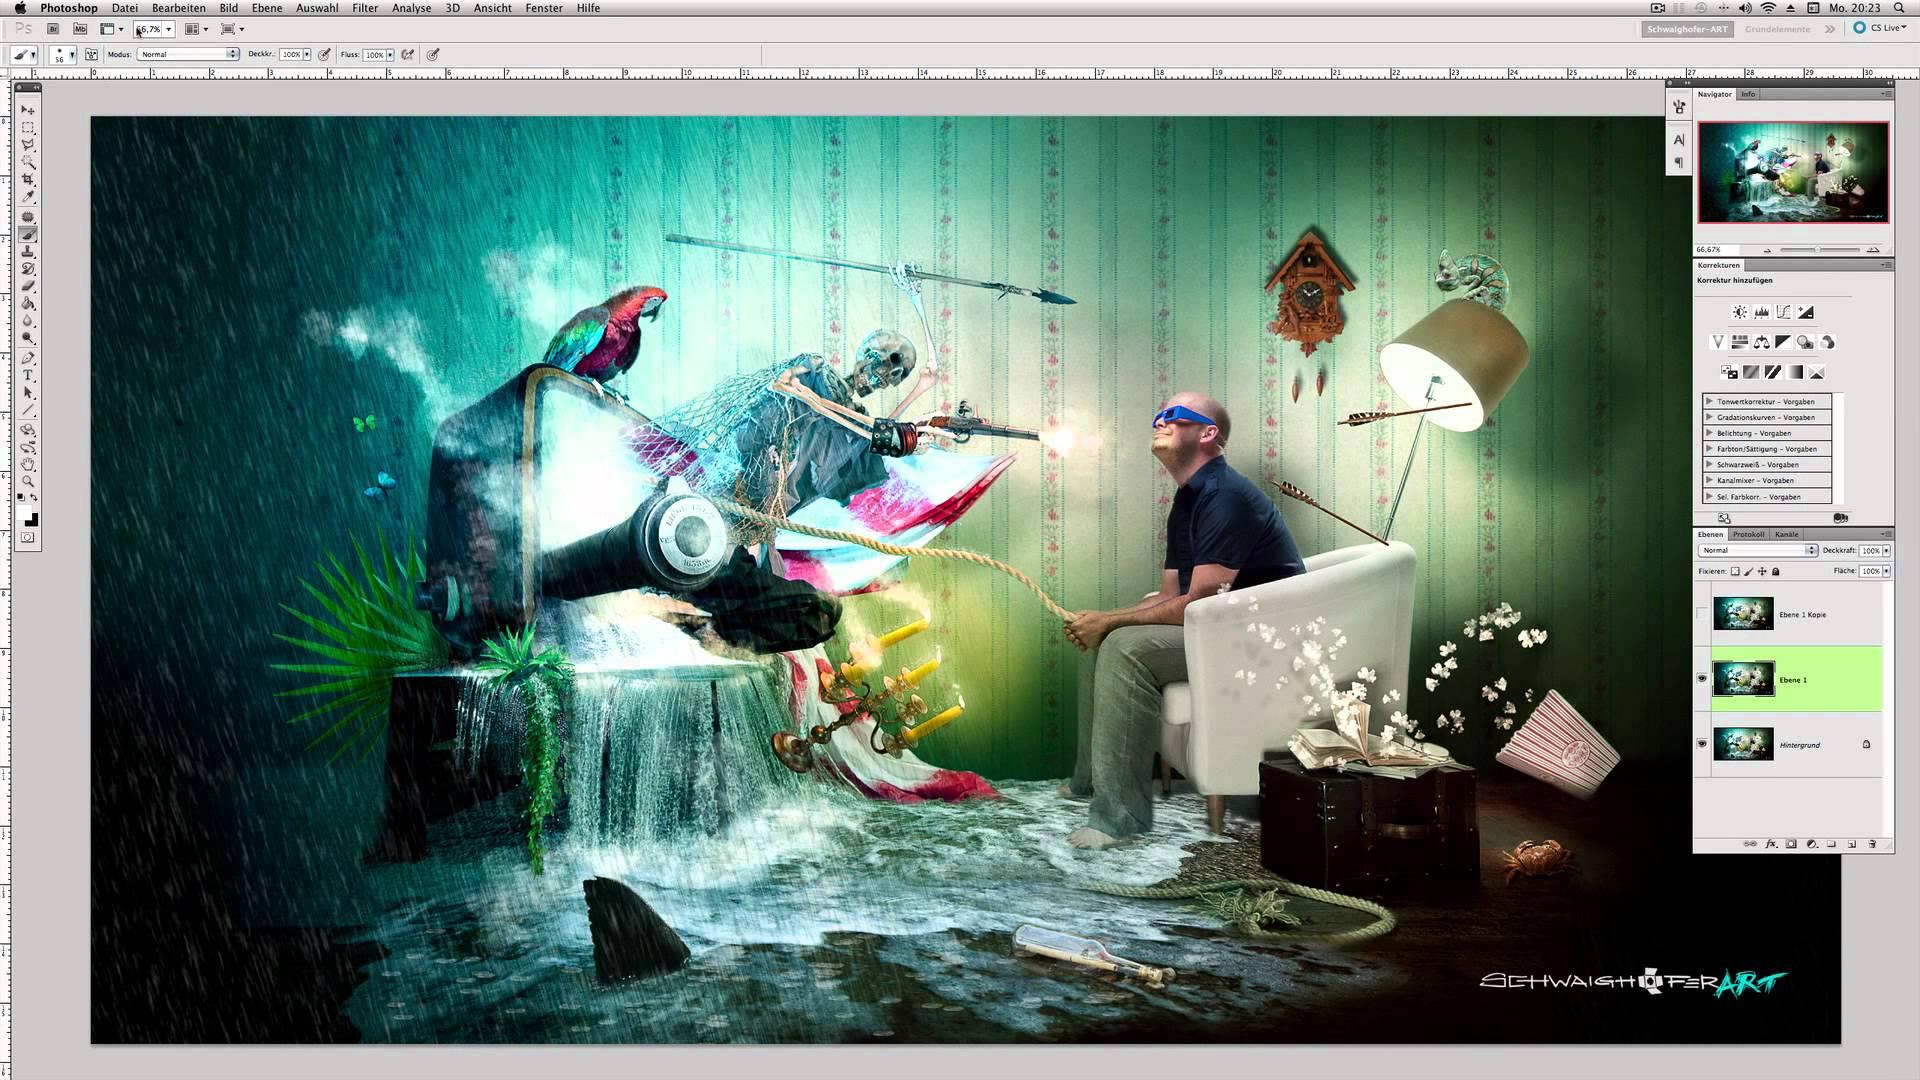 Schwaighofer Art 3d Bilder Selber Machen Schwaighofer Art